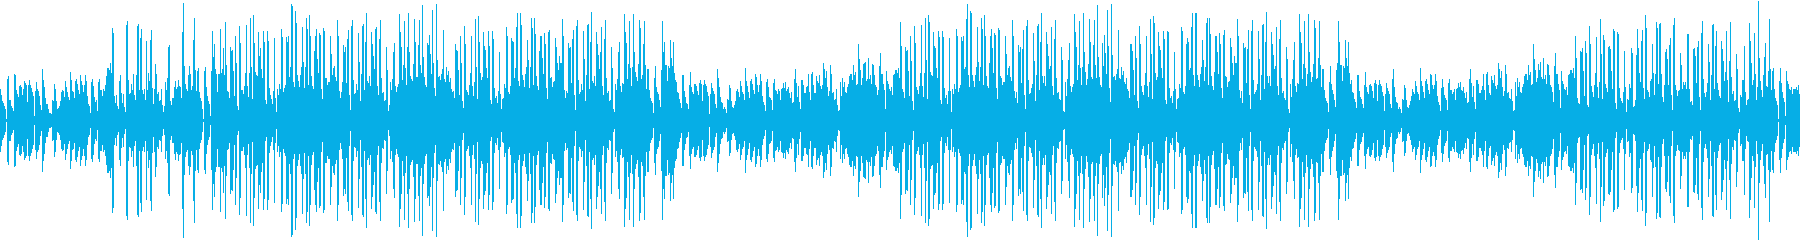 レトロ・カフェ・ピアノ・哀愁・ループの再生済みの波形